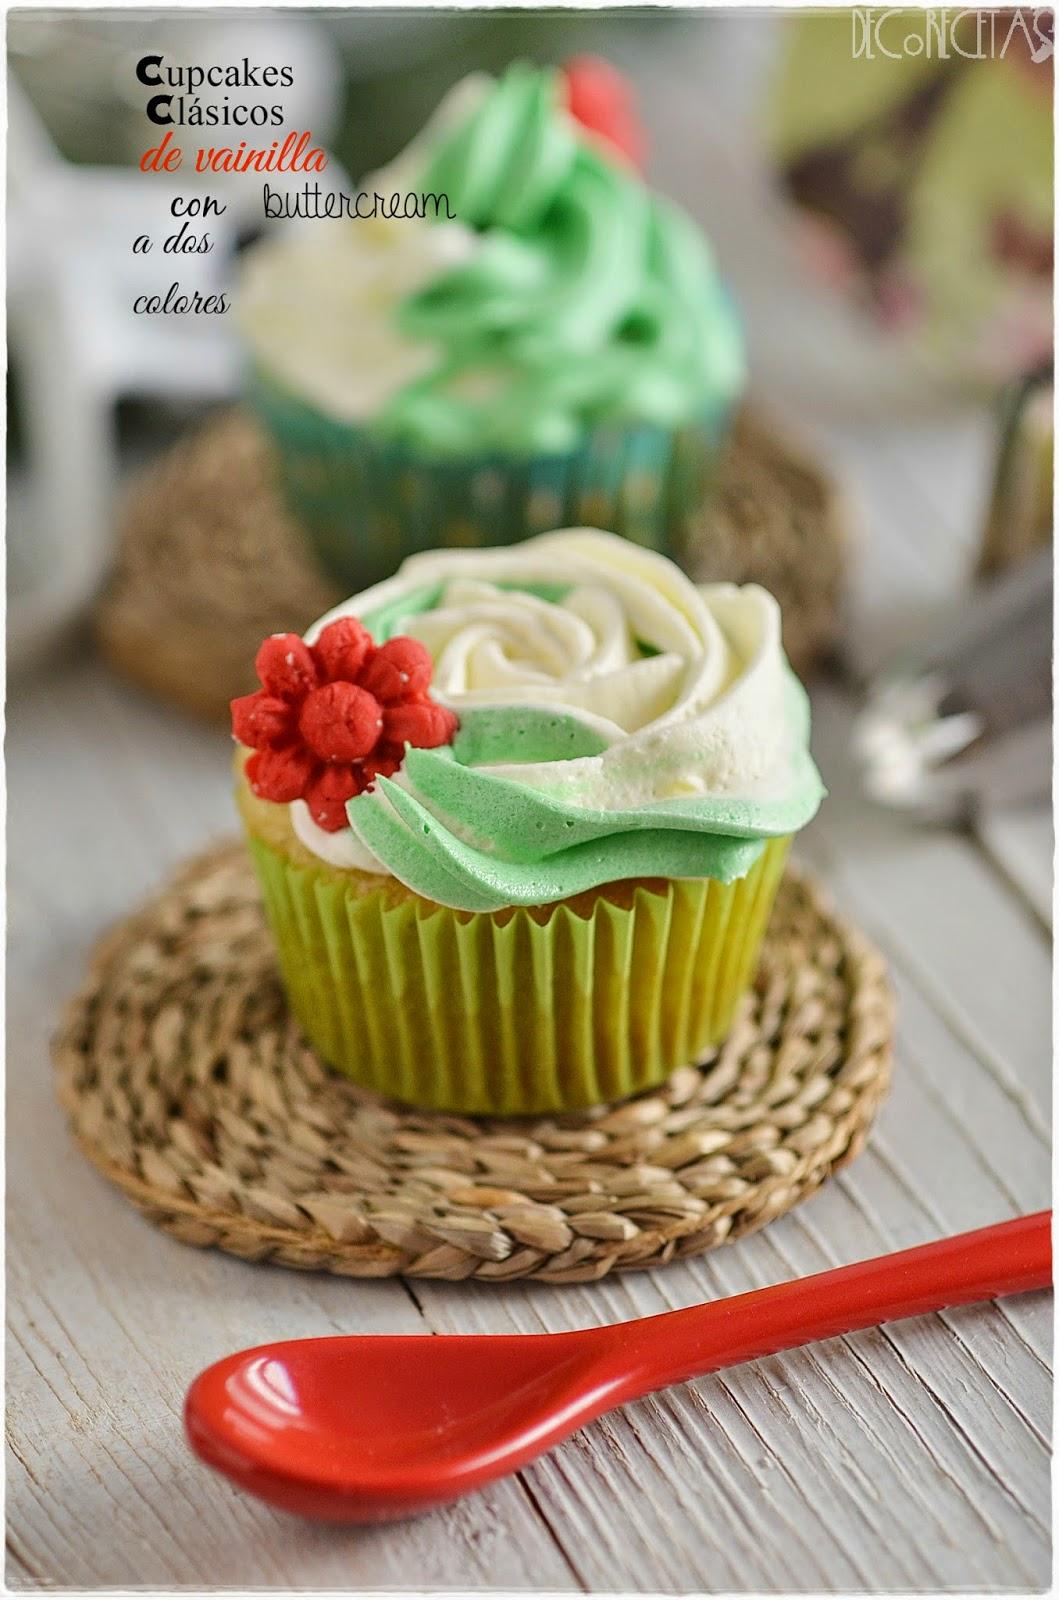 Probando cupcakes...